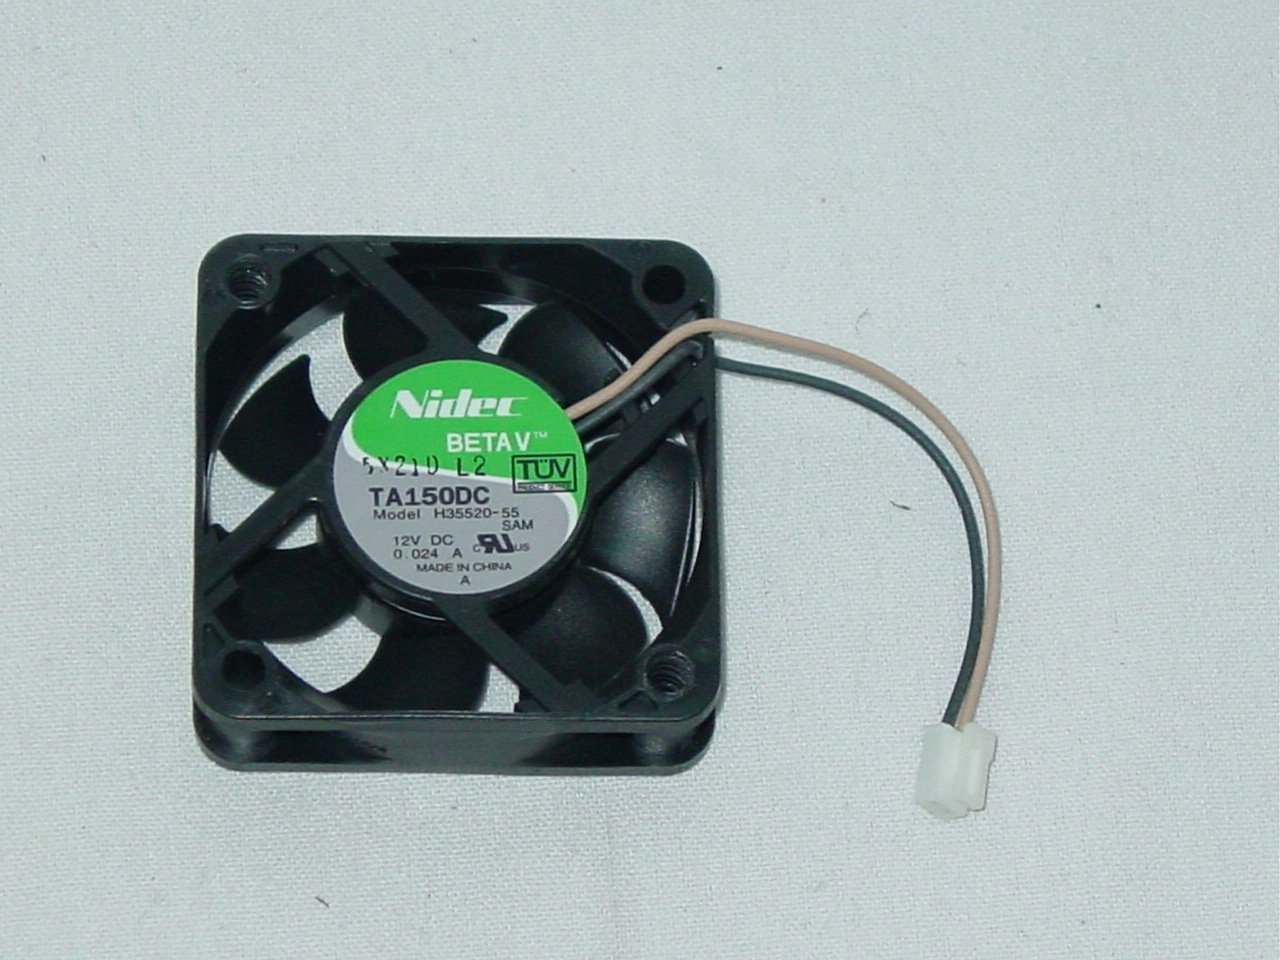 Samsung DVD-R120 DVD Recorder Cooling Fan H35520-55 TA150DC 12V 0.025A